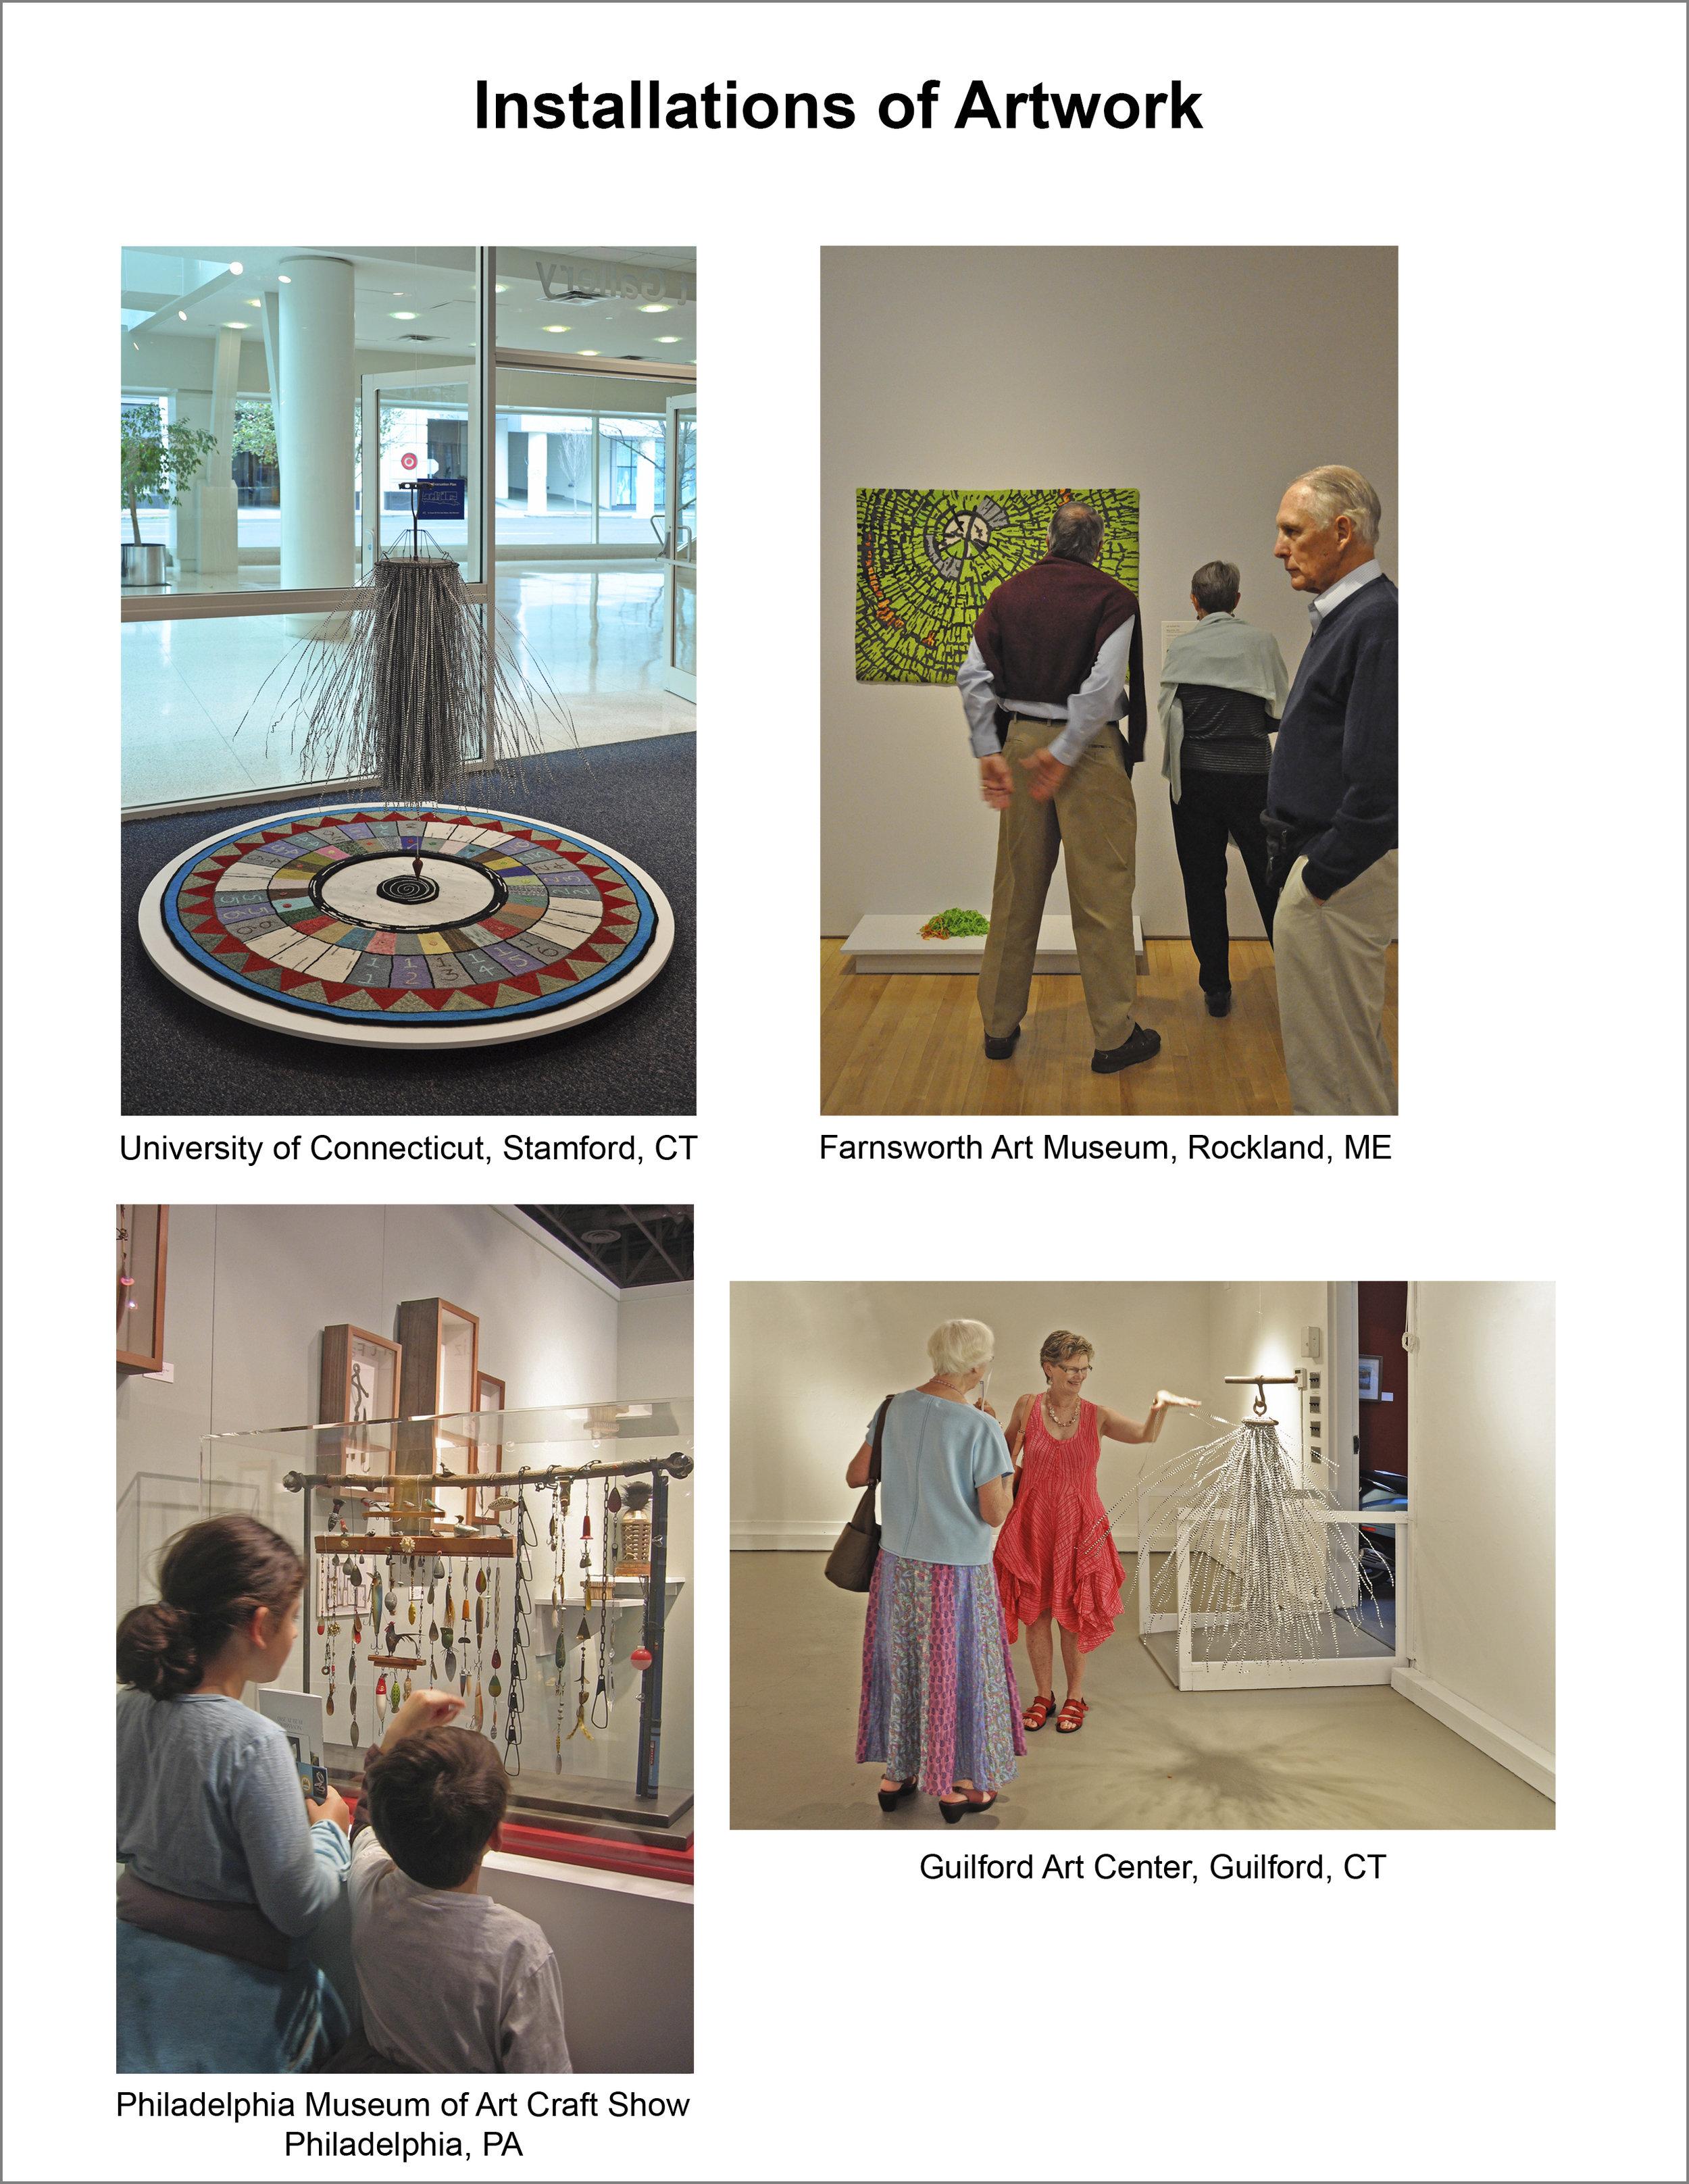 Installation of Artwork in Galleries